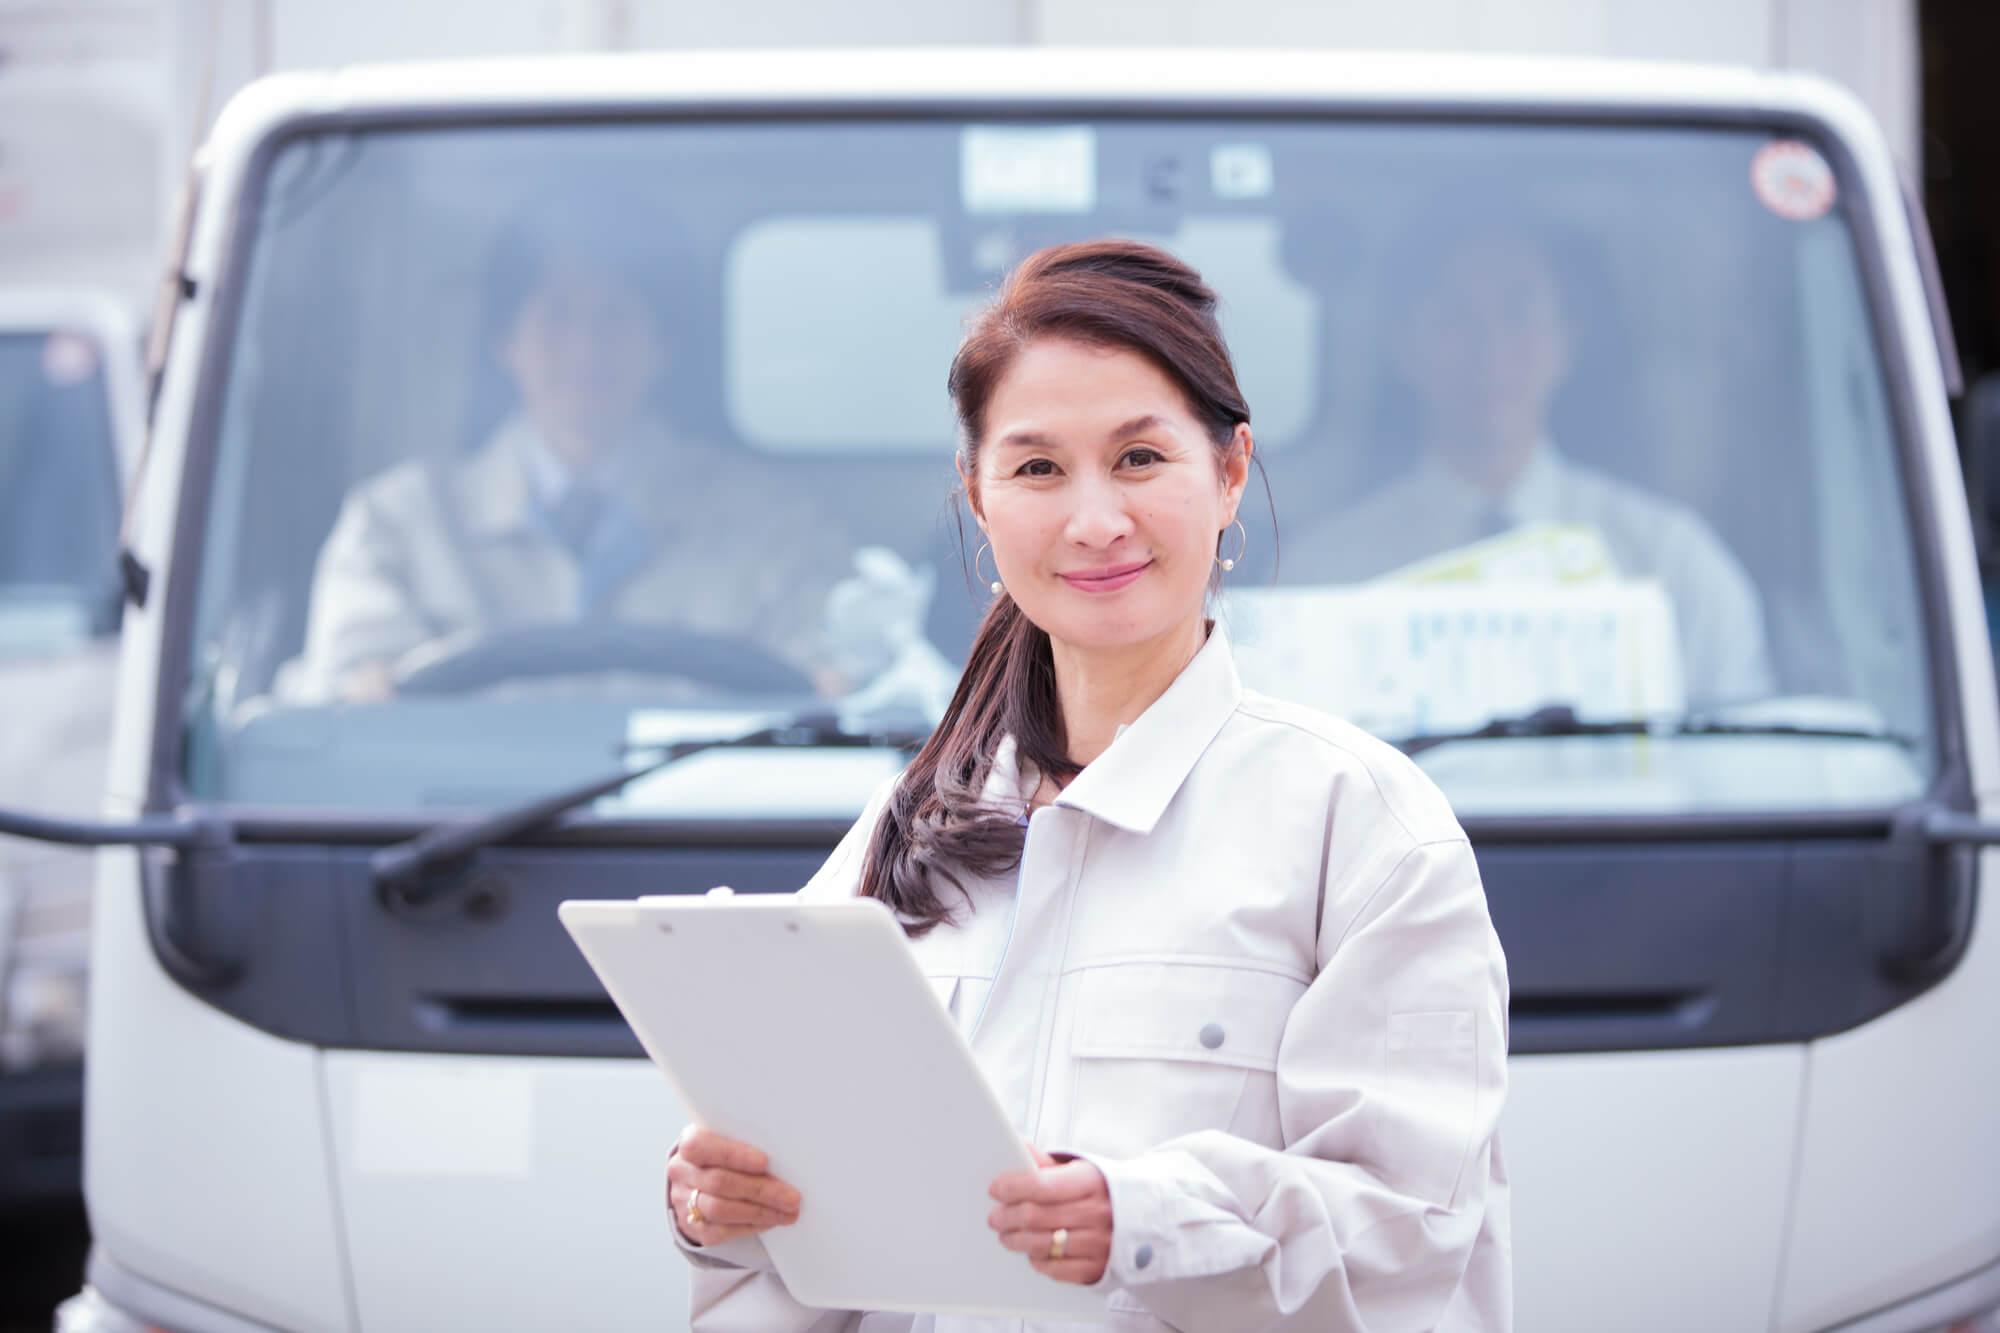 女性管理職として輝く方法 -経営者・管理職としてのコミュニケーション-